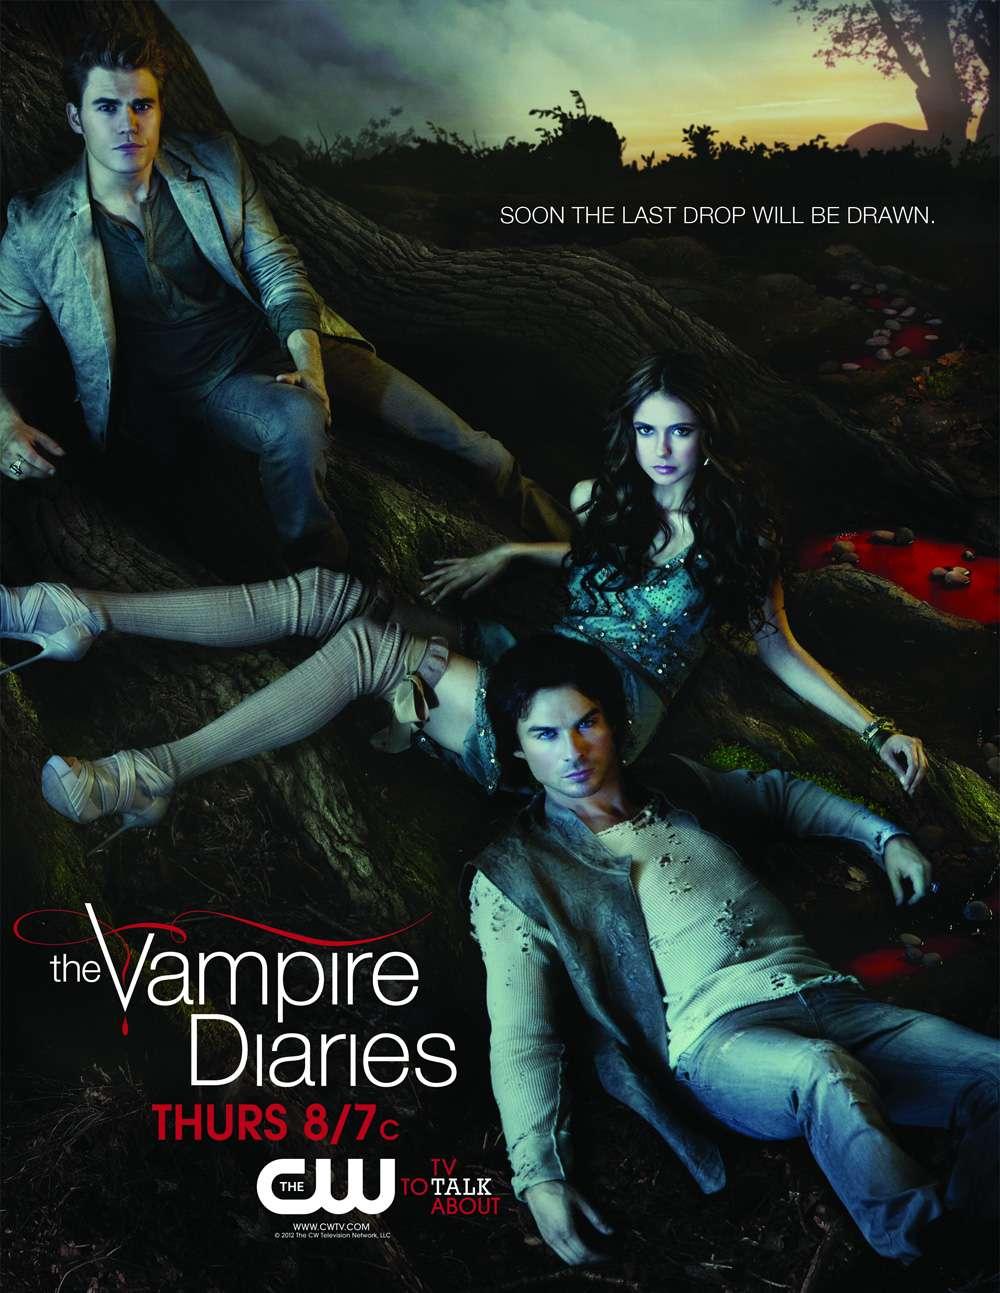 Кадры из фильма дневники вампиров 7 сезон 16 серия смотреть онлайн